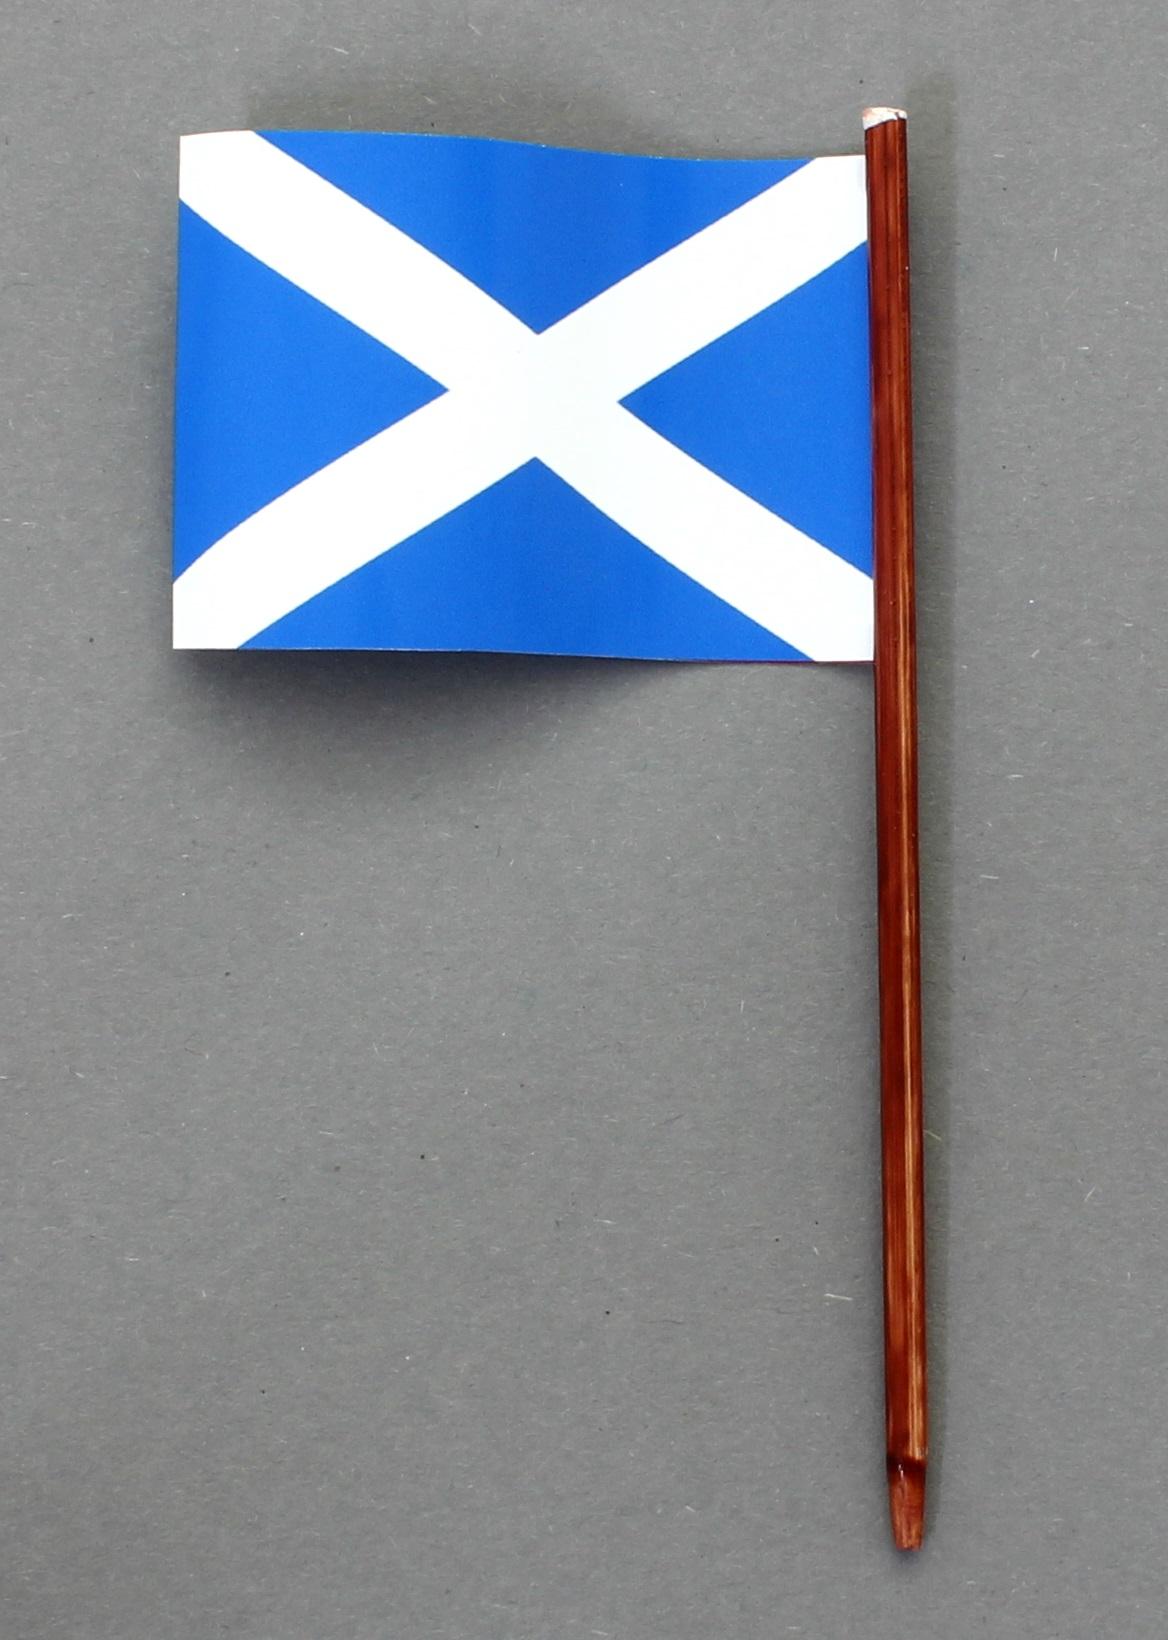 ohne St/änderfu/ß Buddel-Bini Kleine Tischflagge D/üsseldorf 15x10 cm mit 30 cm Mast aus PVC-Rohr